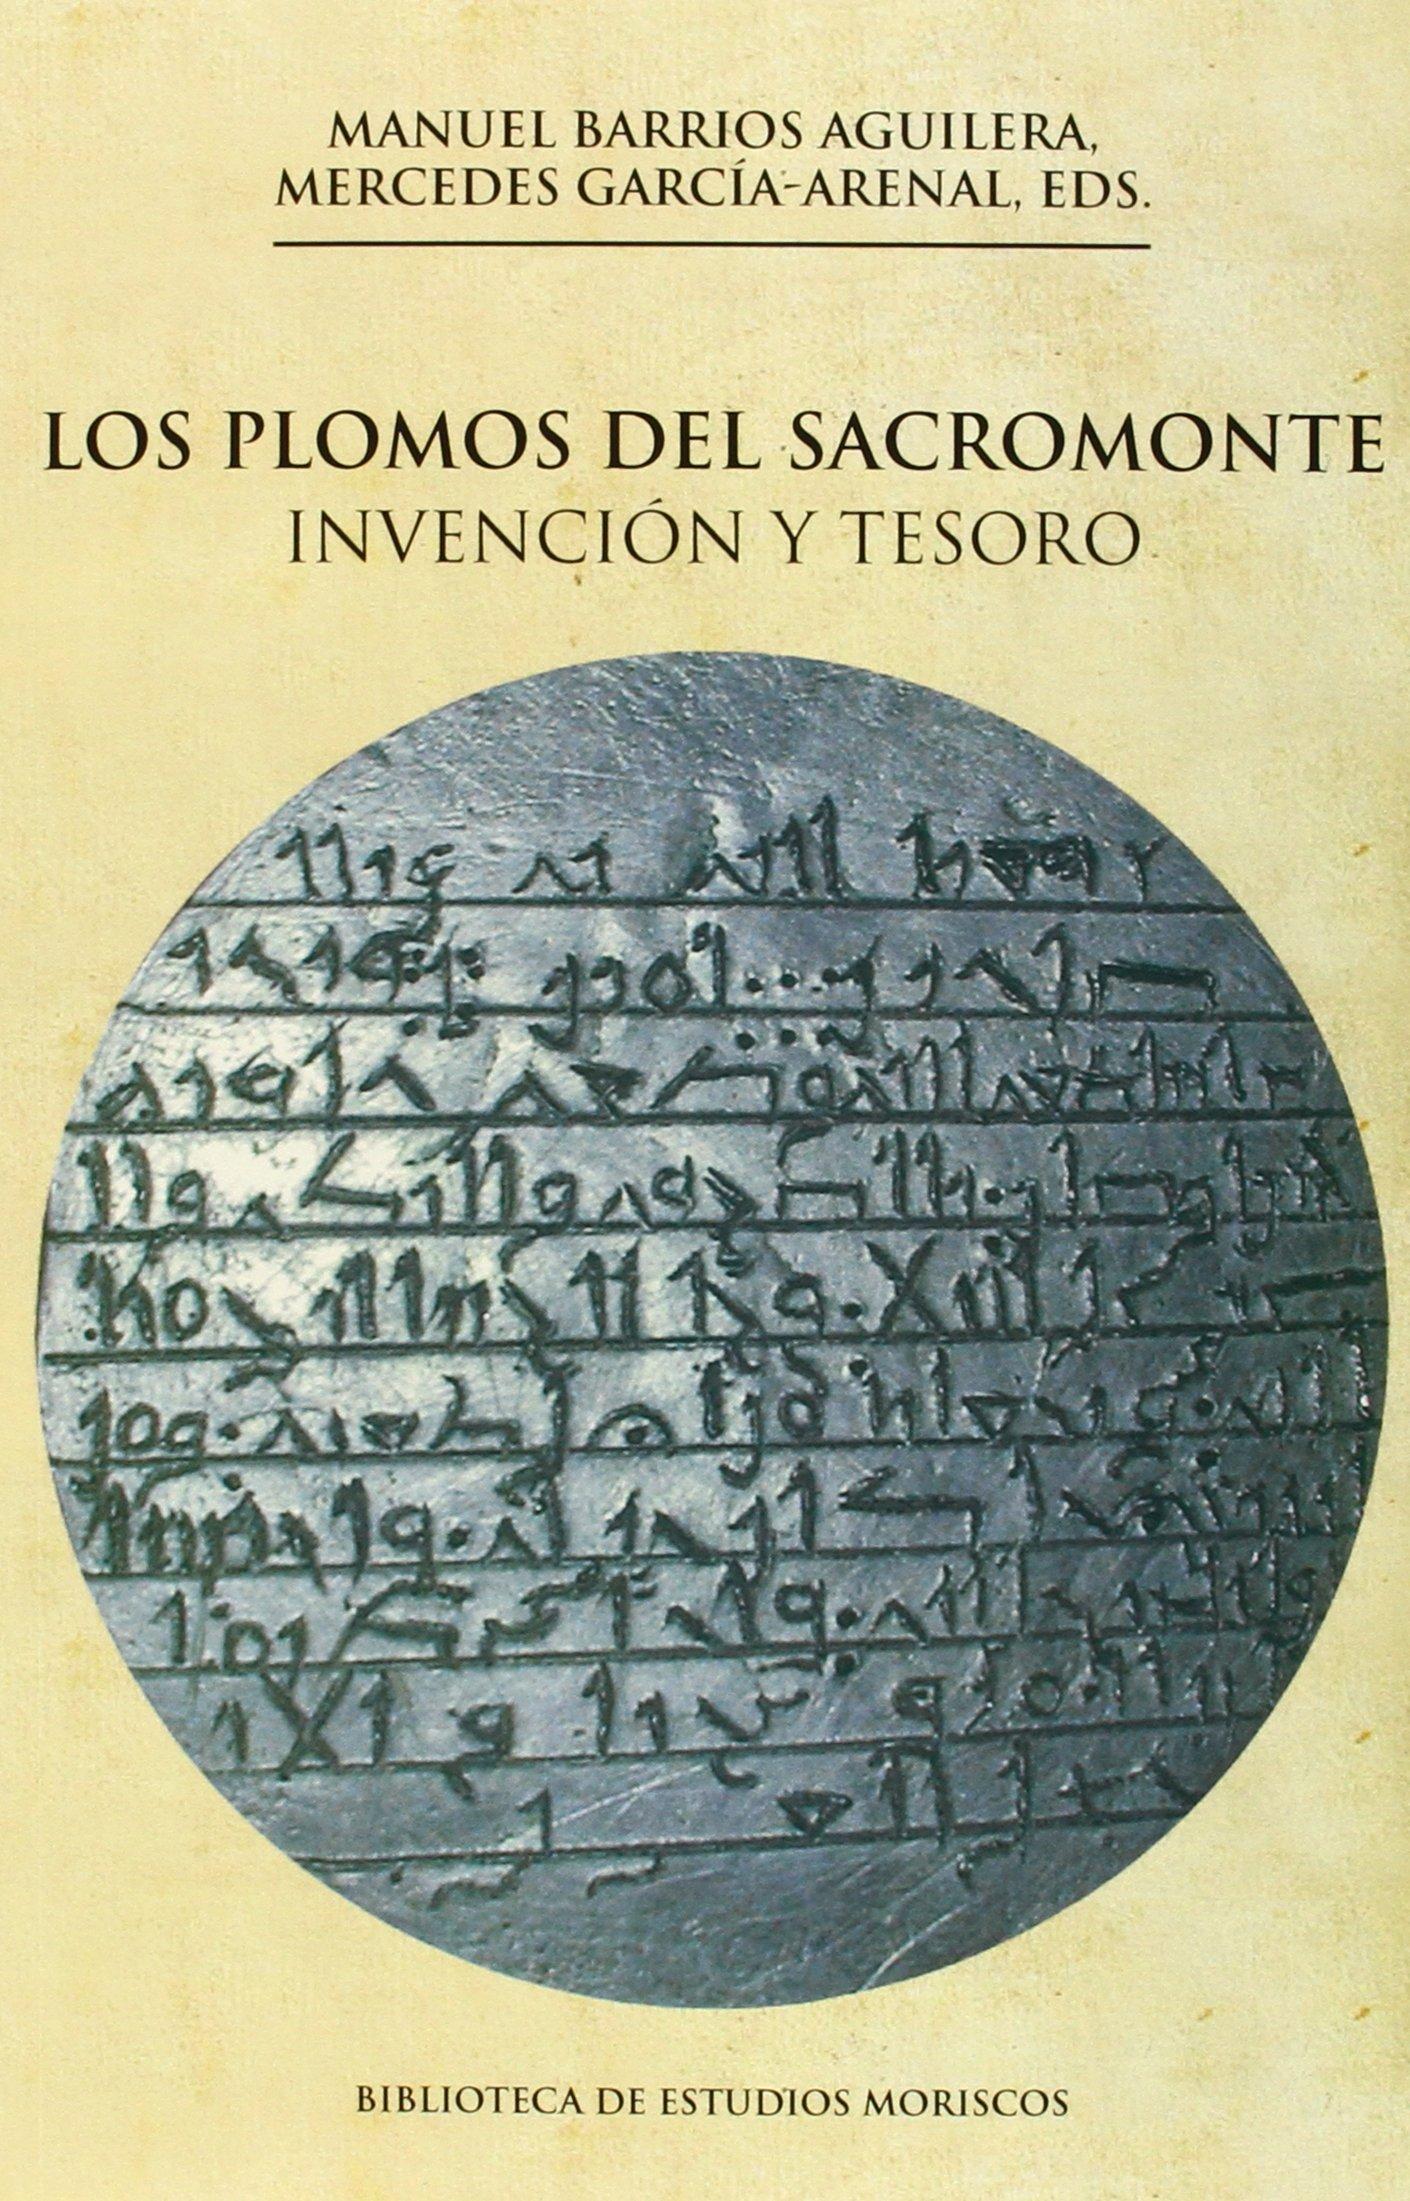 Los plomos del Sacromonte pdf